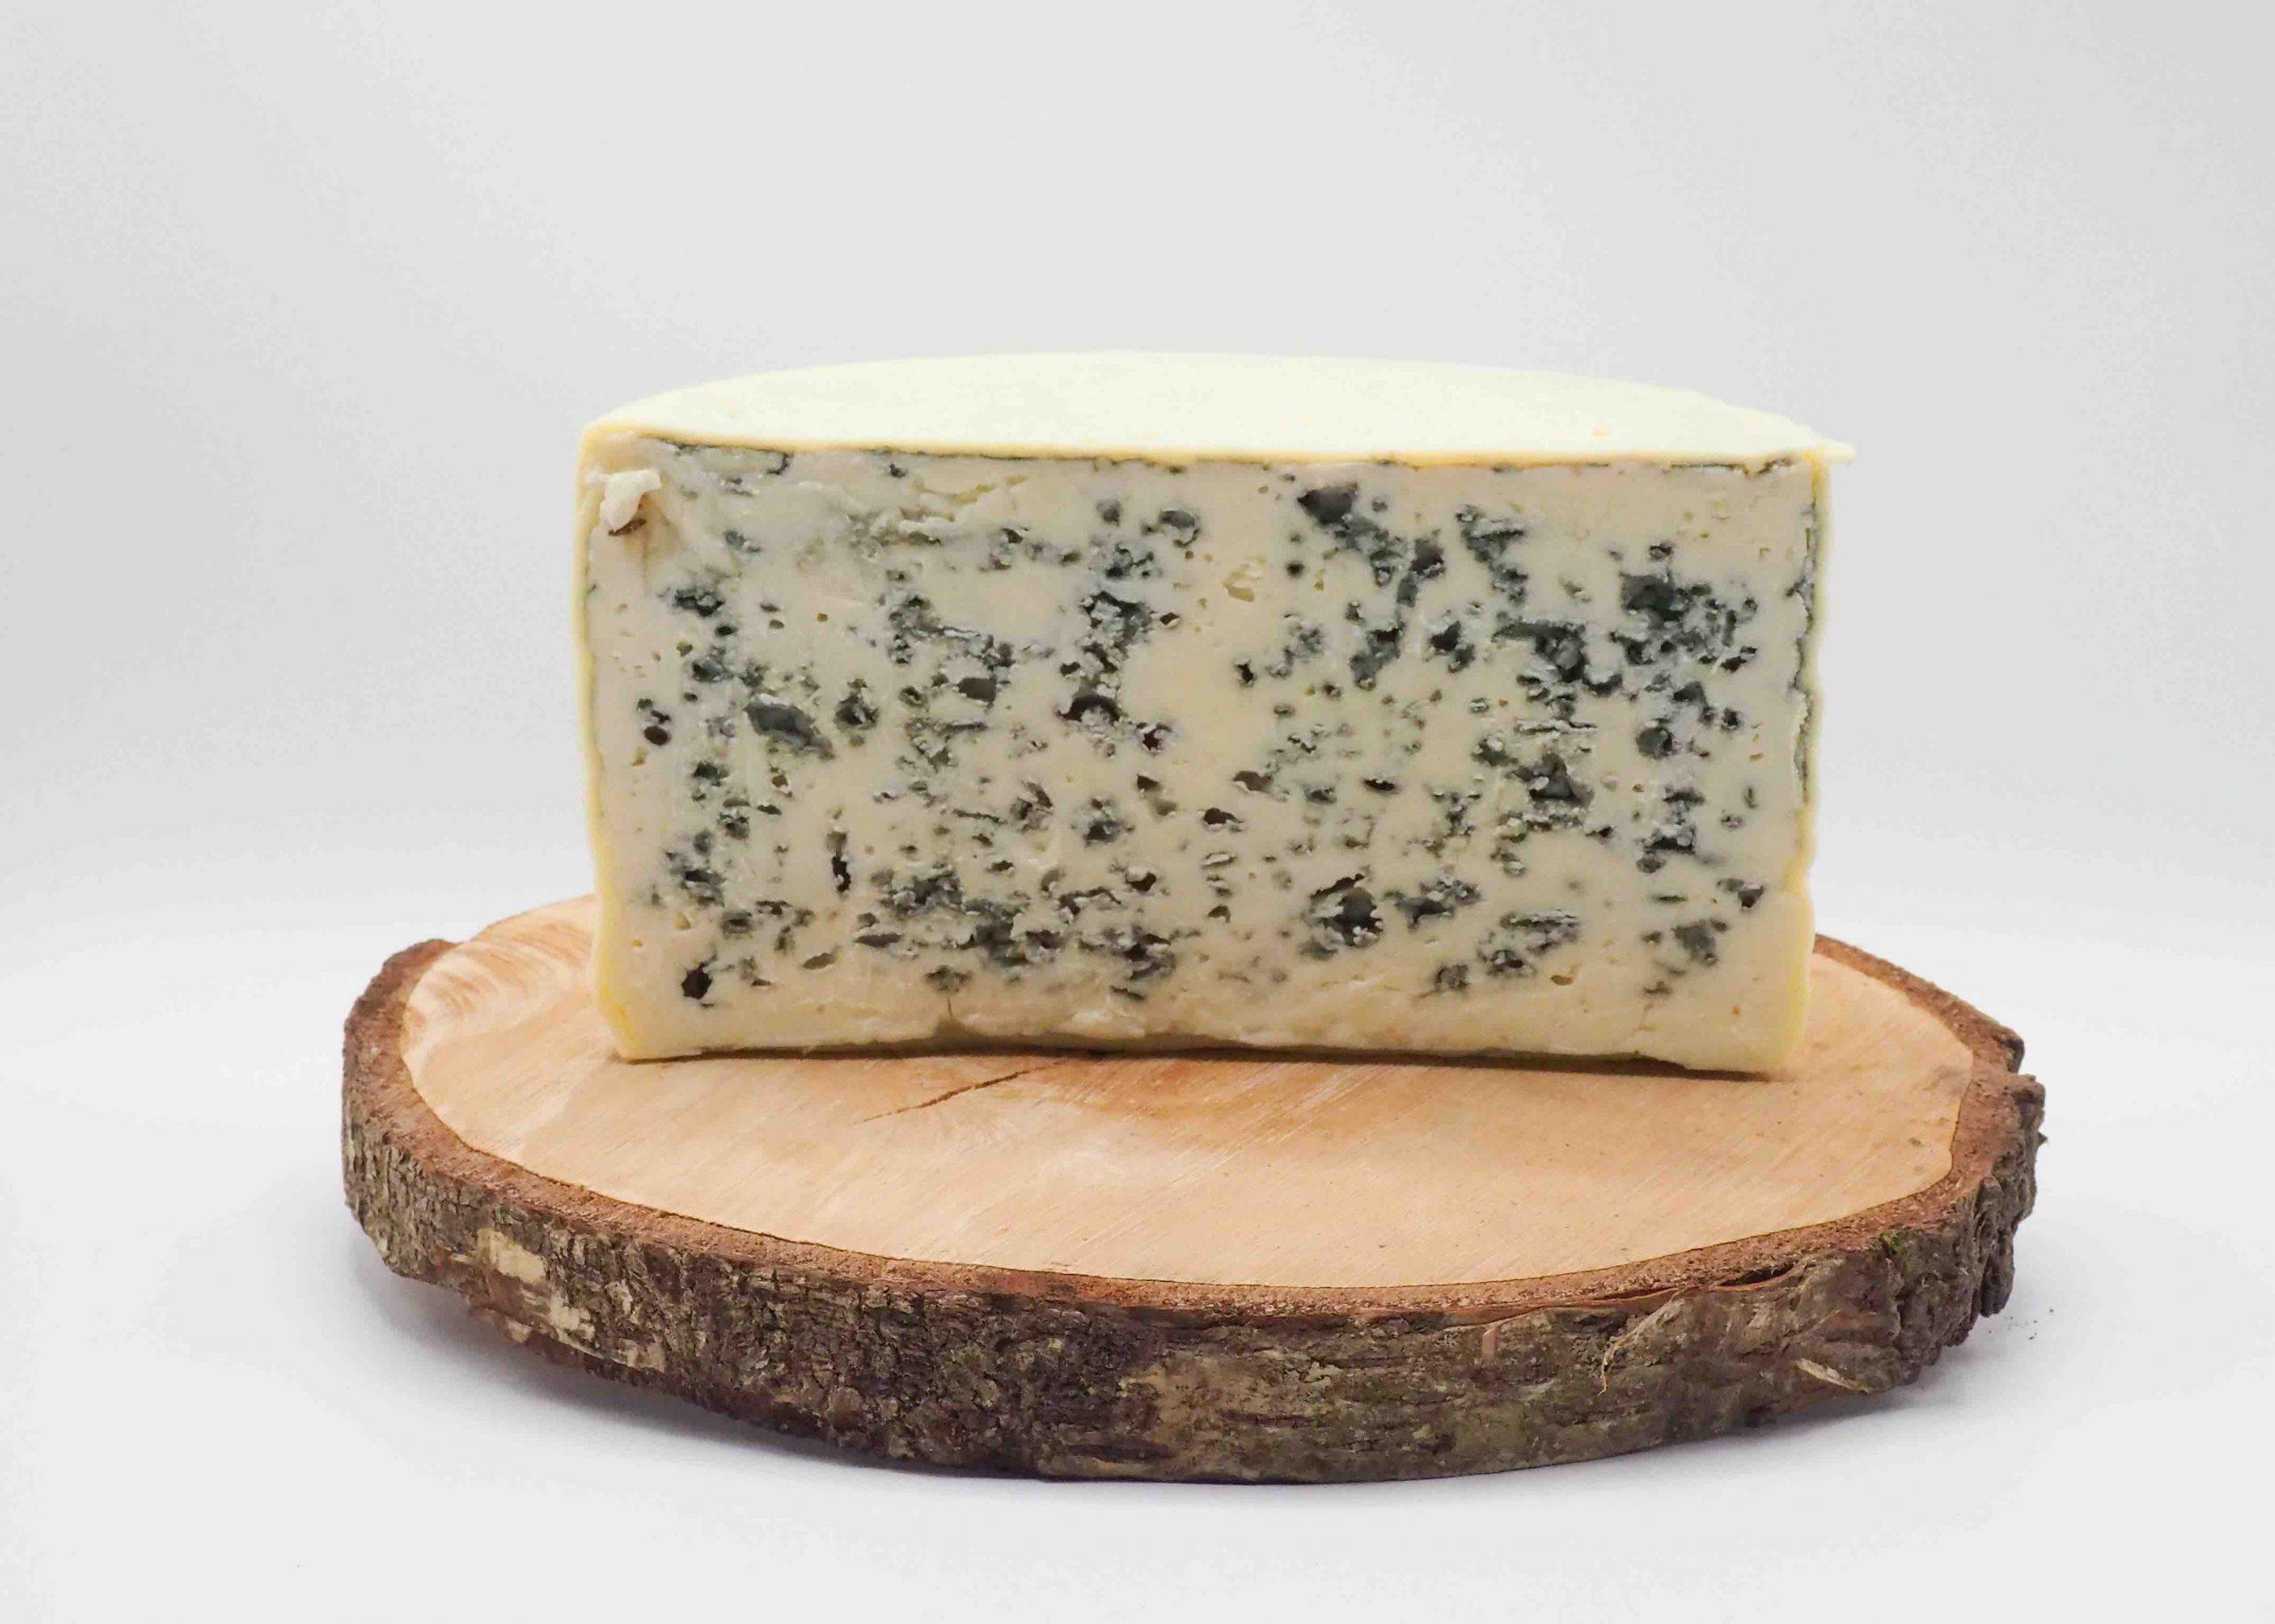 Vente de Fromage en ligne par Dominique Bouchait MOF. Le Régalis, fromage de Brebis création originale